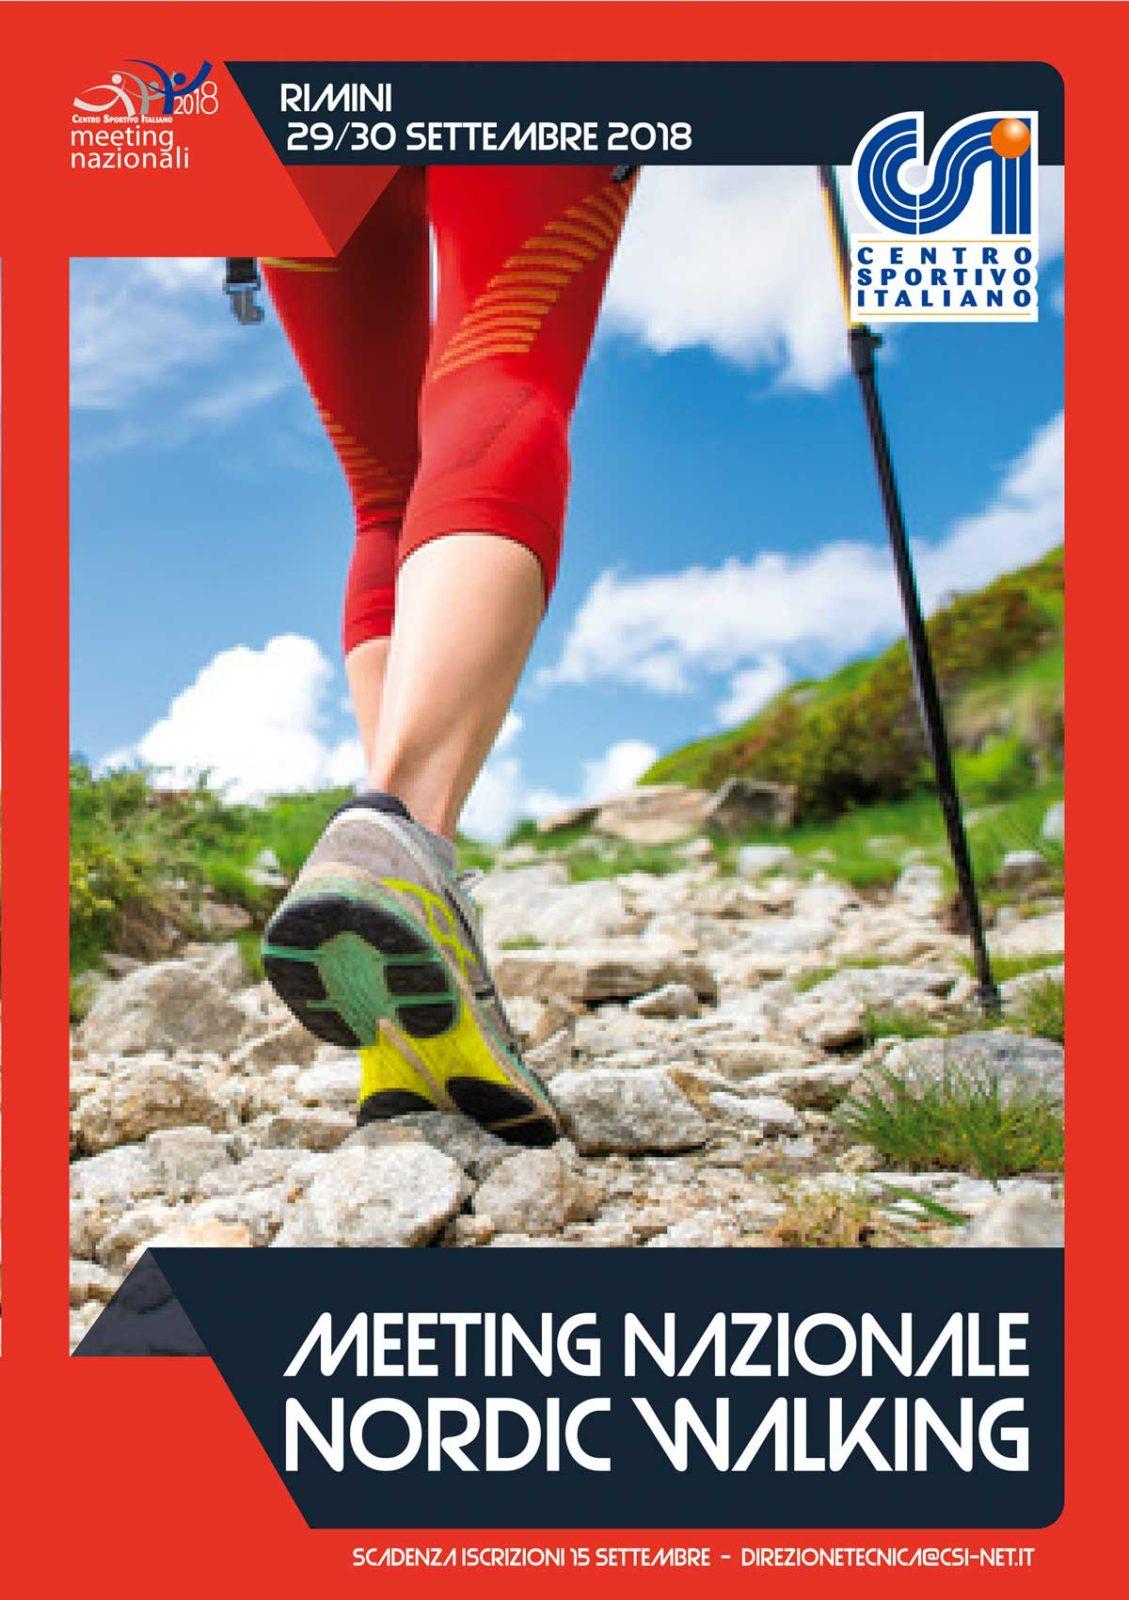 Locandina-Meeting-Naz-Nordic-Walking